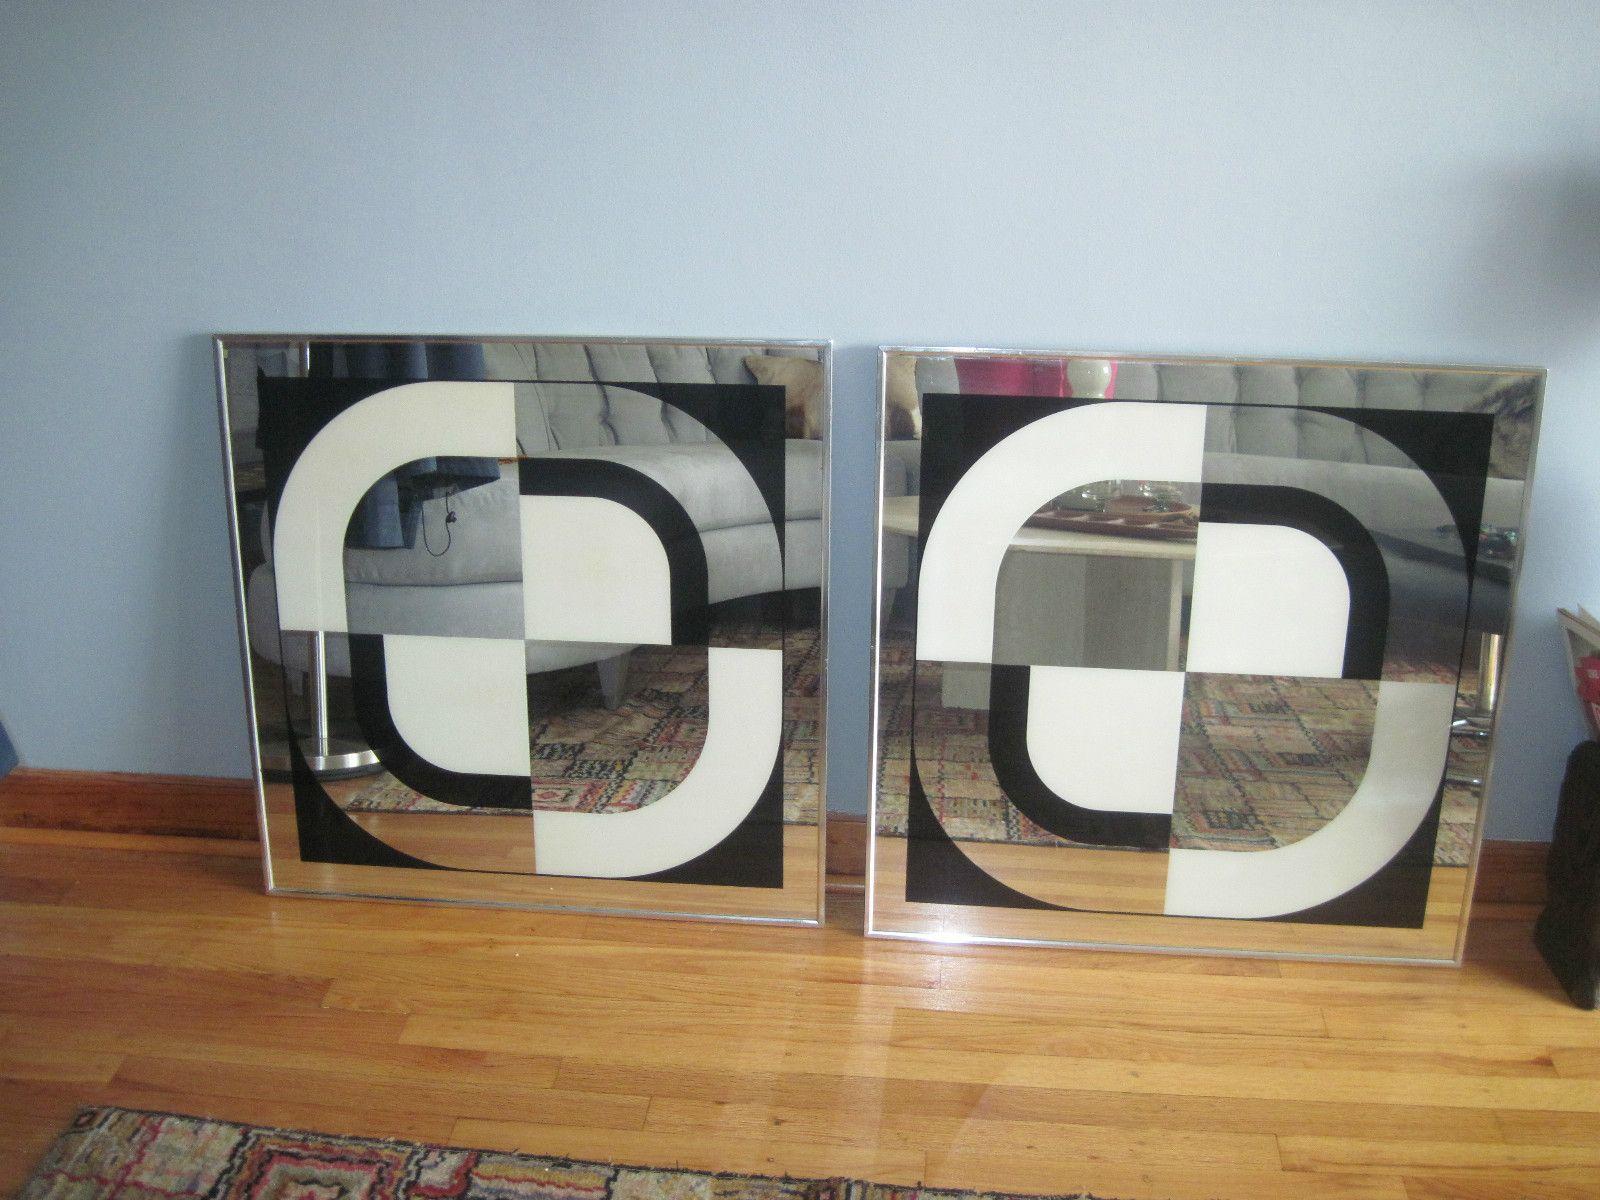 GRAPHIC COOL...; Mid Century Vintage Turner Greg Copeland Abstract ... - GRAPHIC COOL...; Mid Century Vintage Turner Greg Copeland Abstract Wall  Mirrors Black